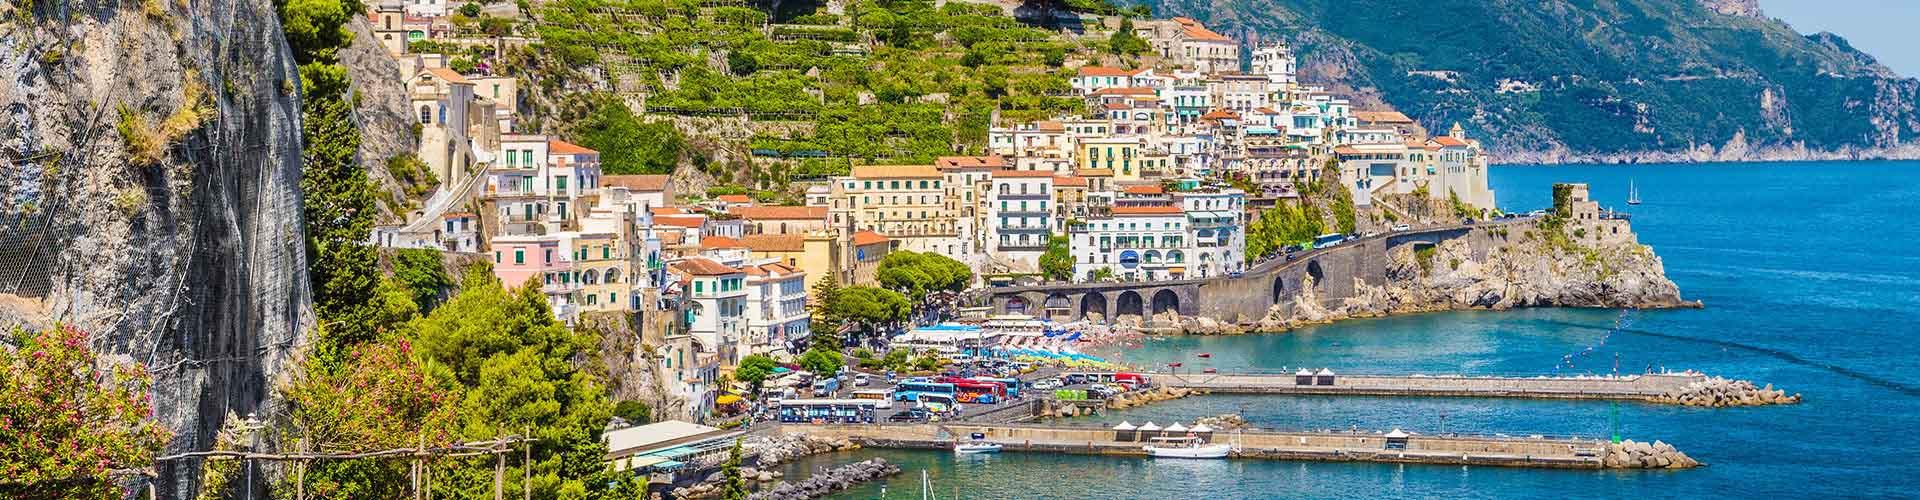 Salerno - Chambres à Salerno. Cartes pour Salerno, photos et commentaires pour chaque chambre à Salerno.